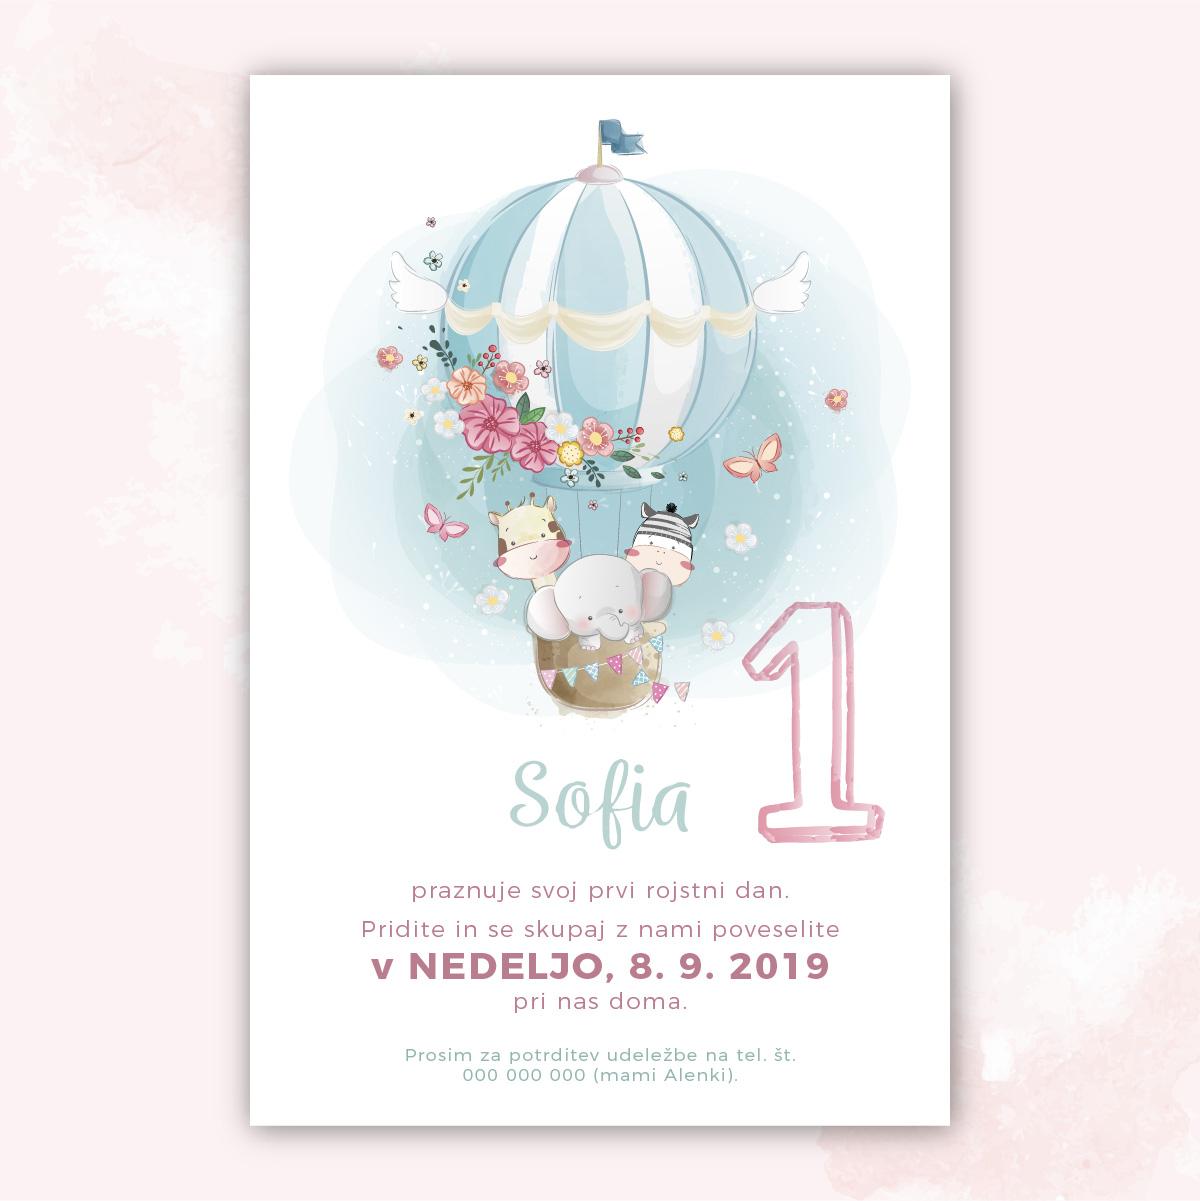 Vabilo za prvi rojstni dan: Kjut 2